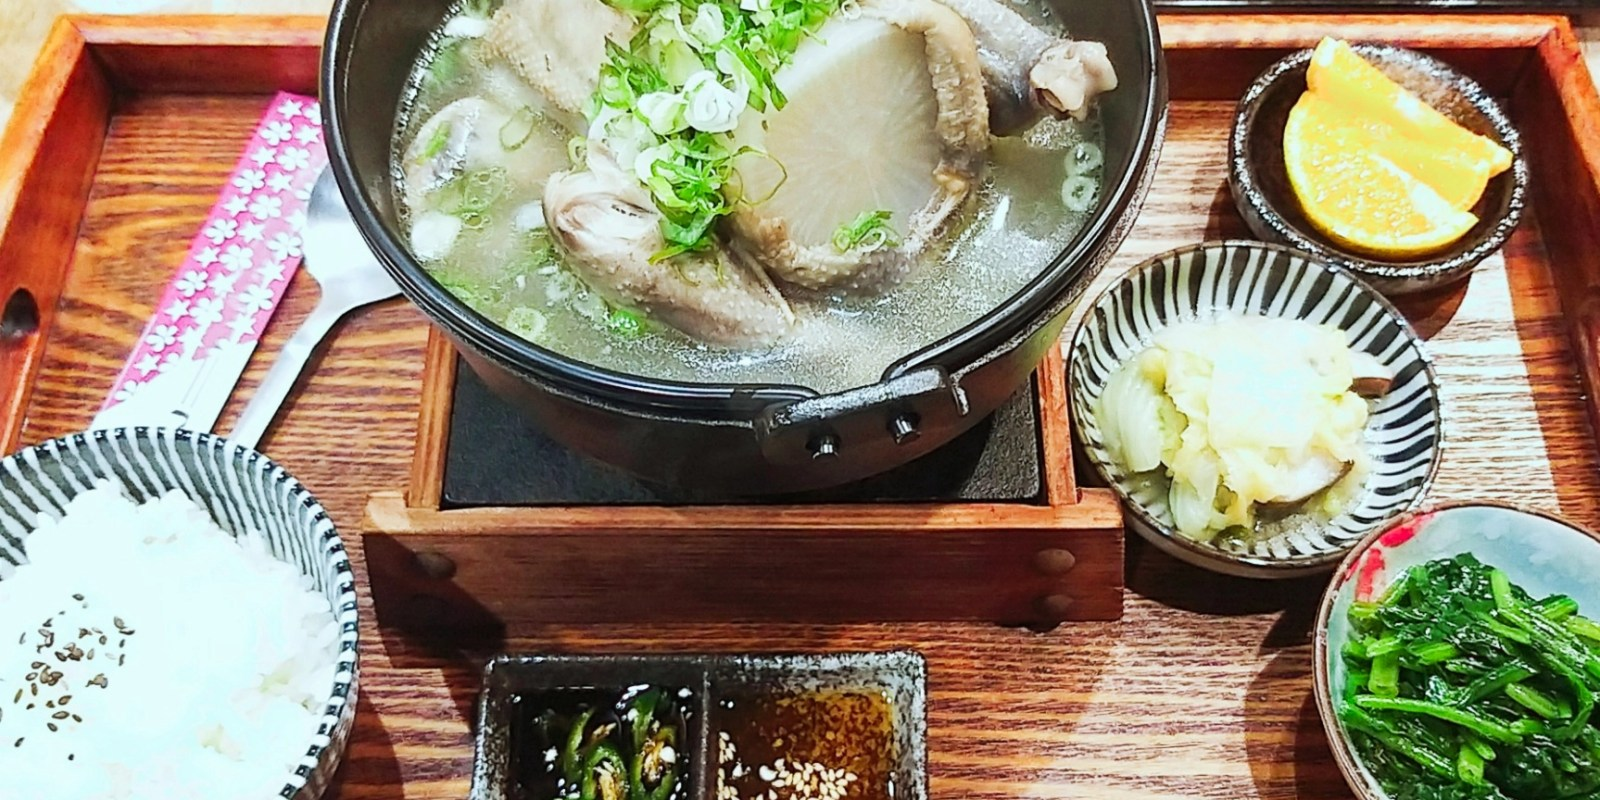 台南大東夜市周邊美食推薦,特色私房菜餐廳「畬然自得」~